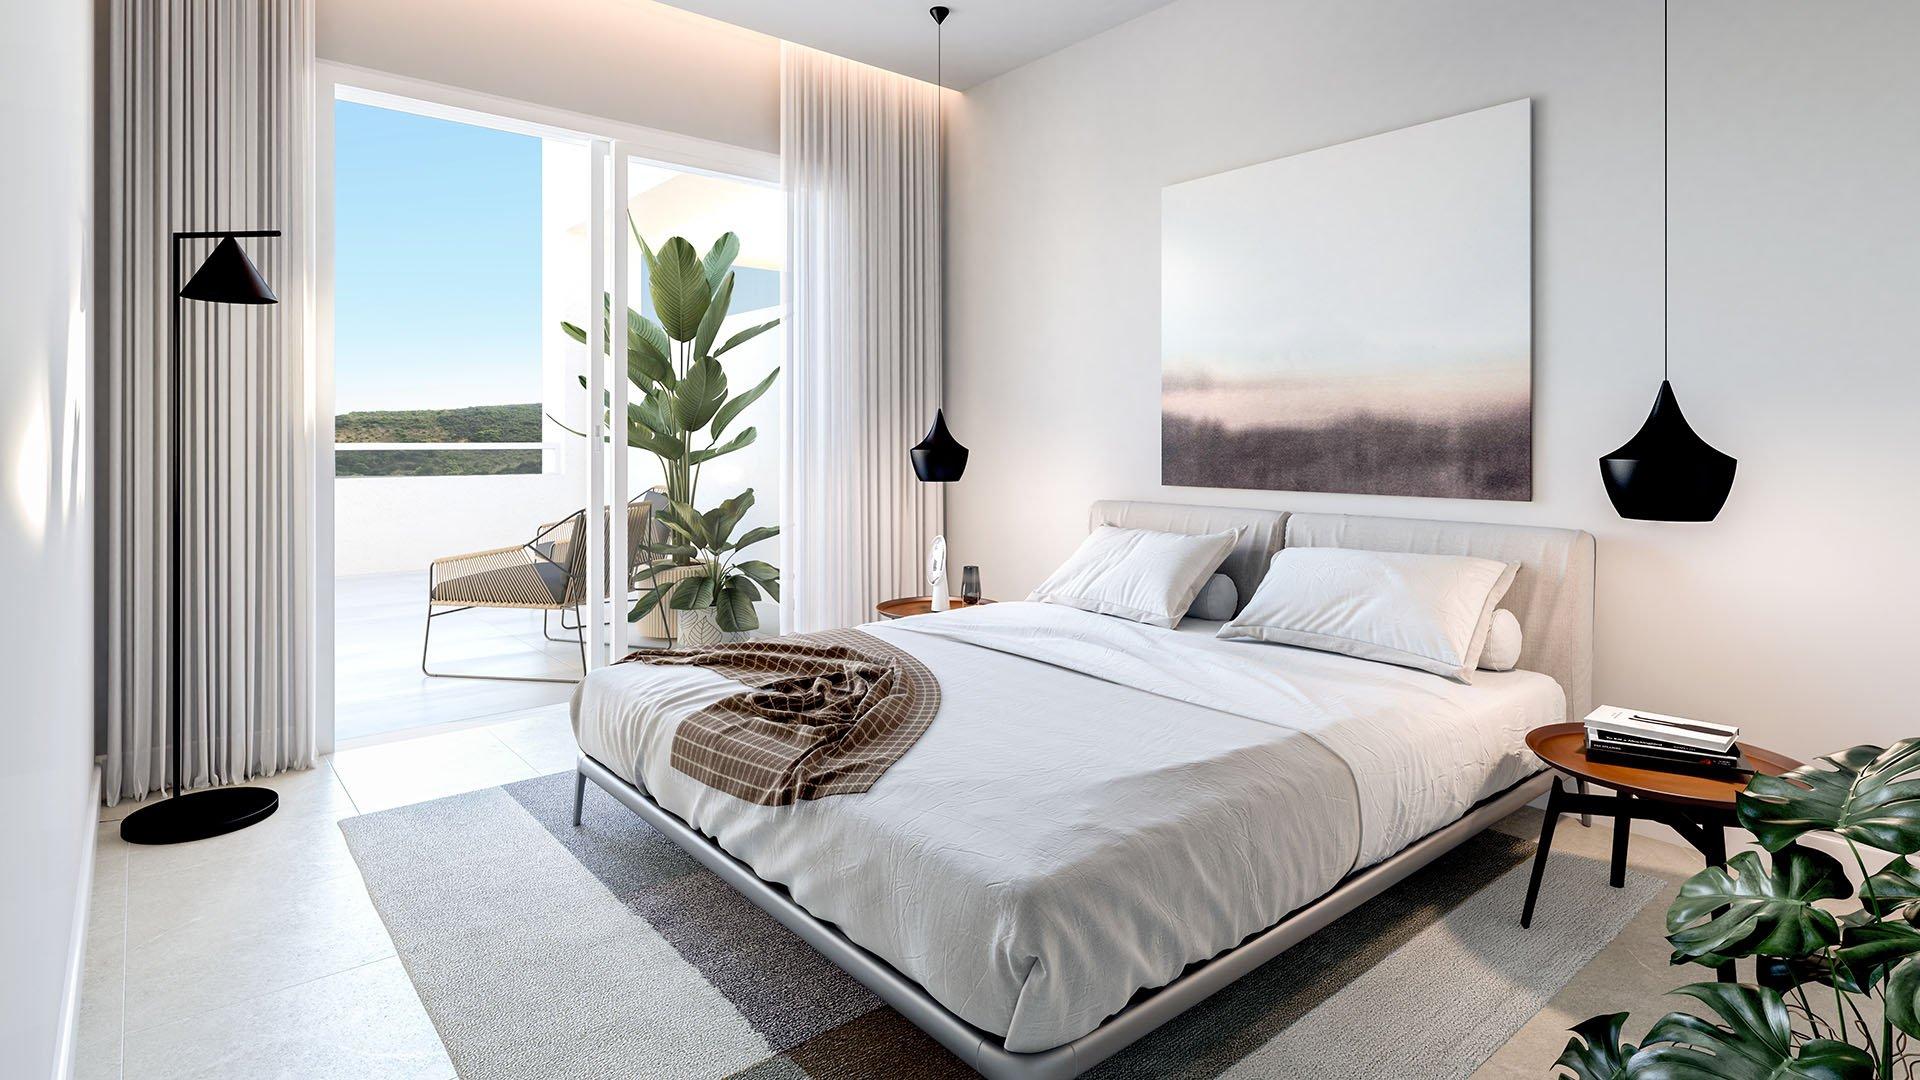 Royal Casares Homes: Appartementen in Casares verweven in golf met zicht op zee